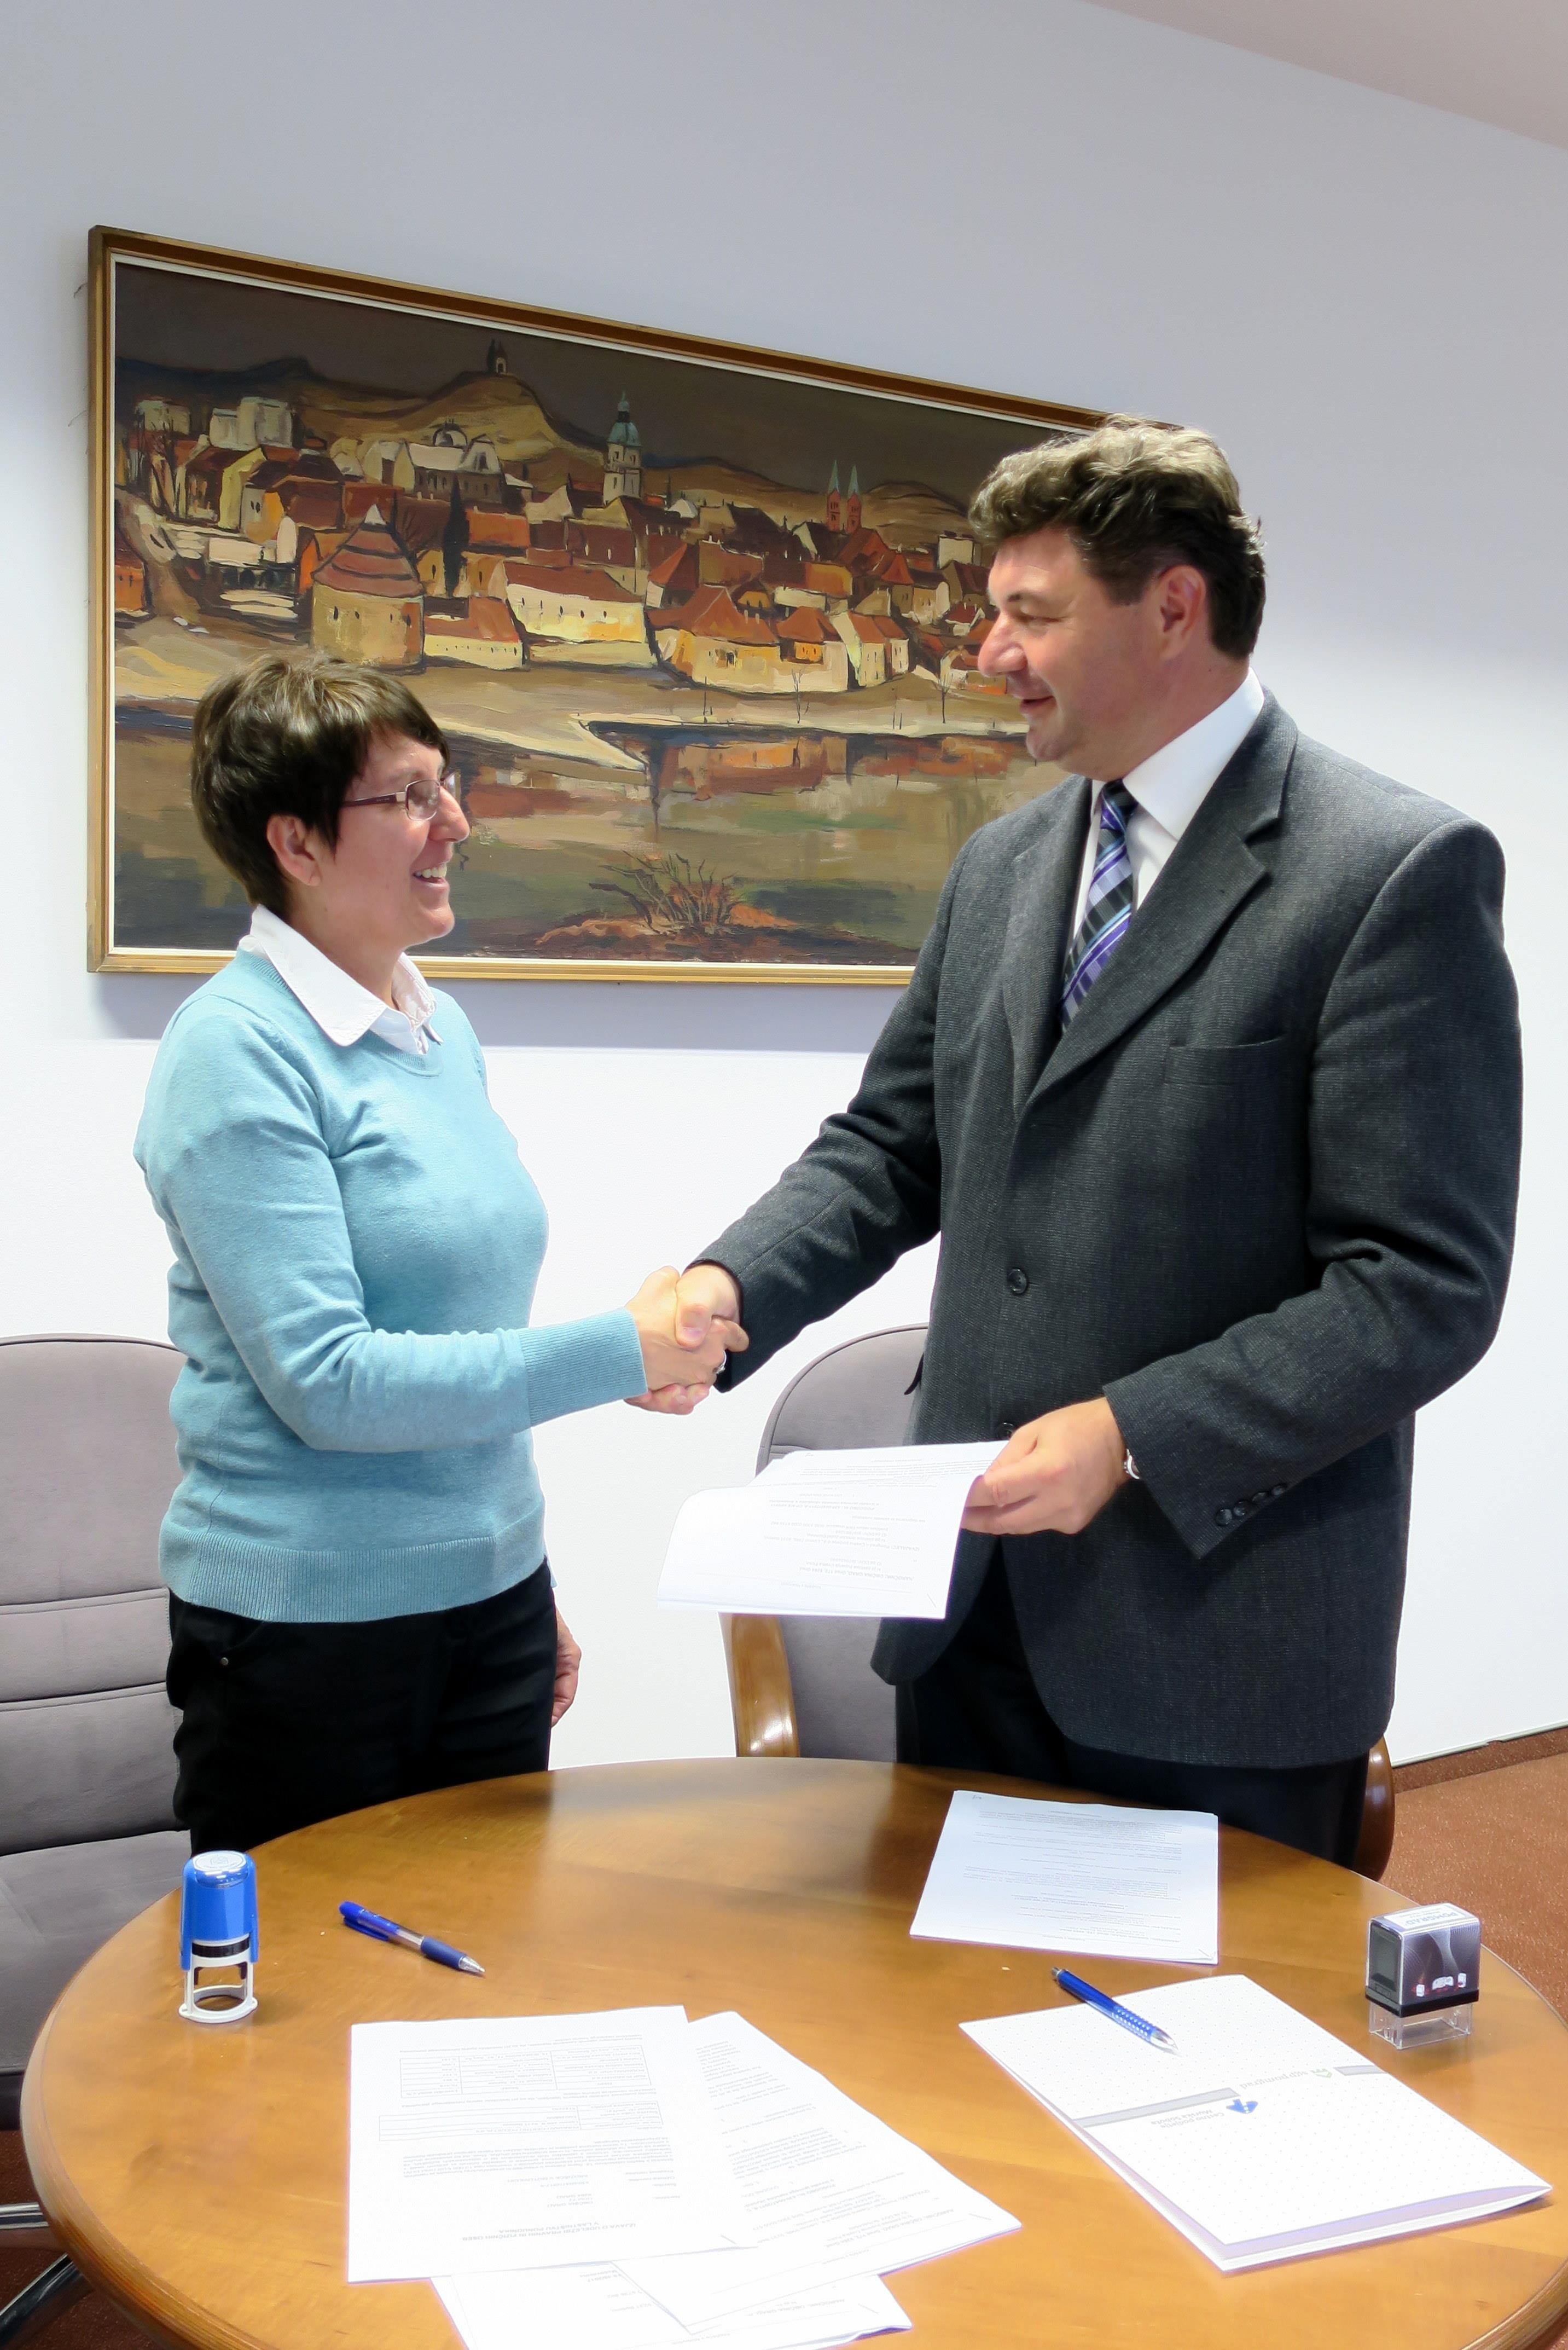 Županja Občine Grad Cvetka Ficko in direktor podjetja Pomgrad – Cestno podjetje d.d. Jožef Dominko podpisala pogodbo za